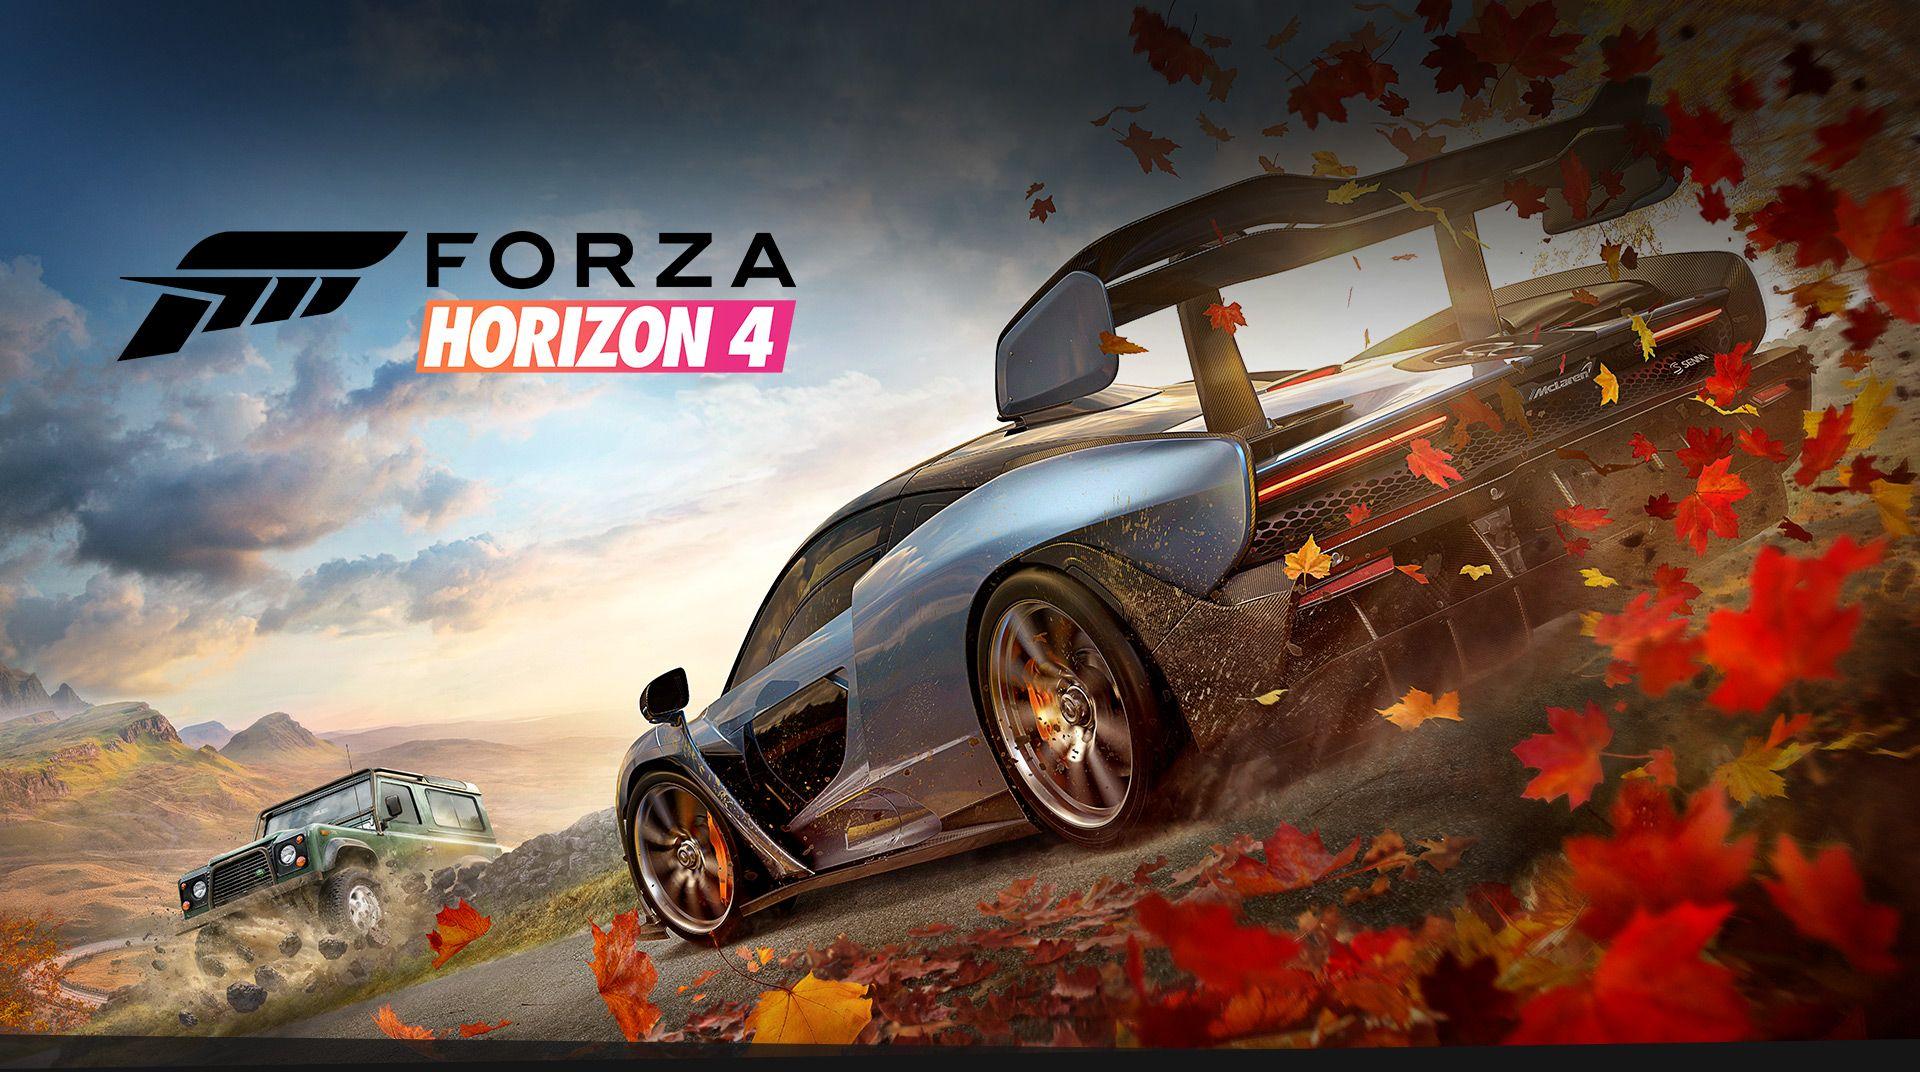 Forza Horizon 4 donosi dinamčka godišna doba